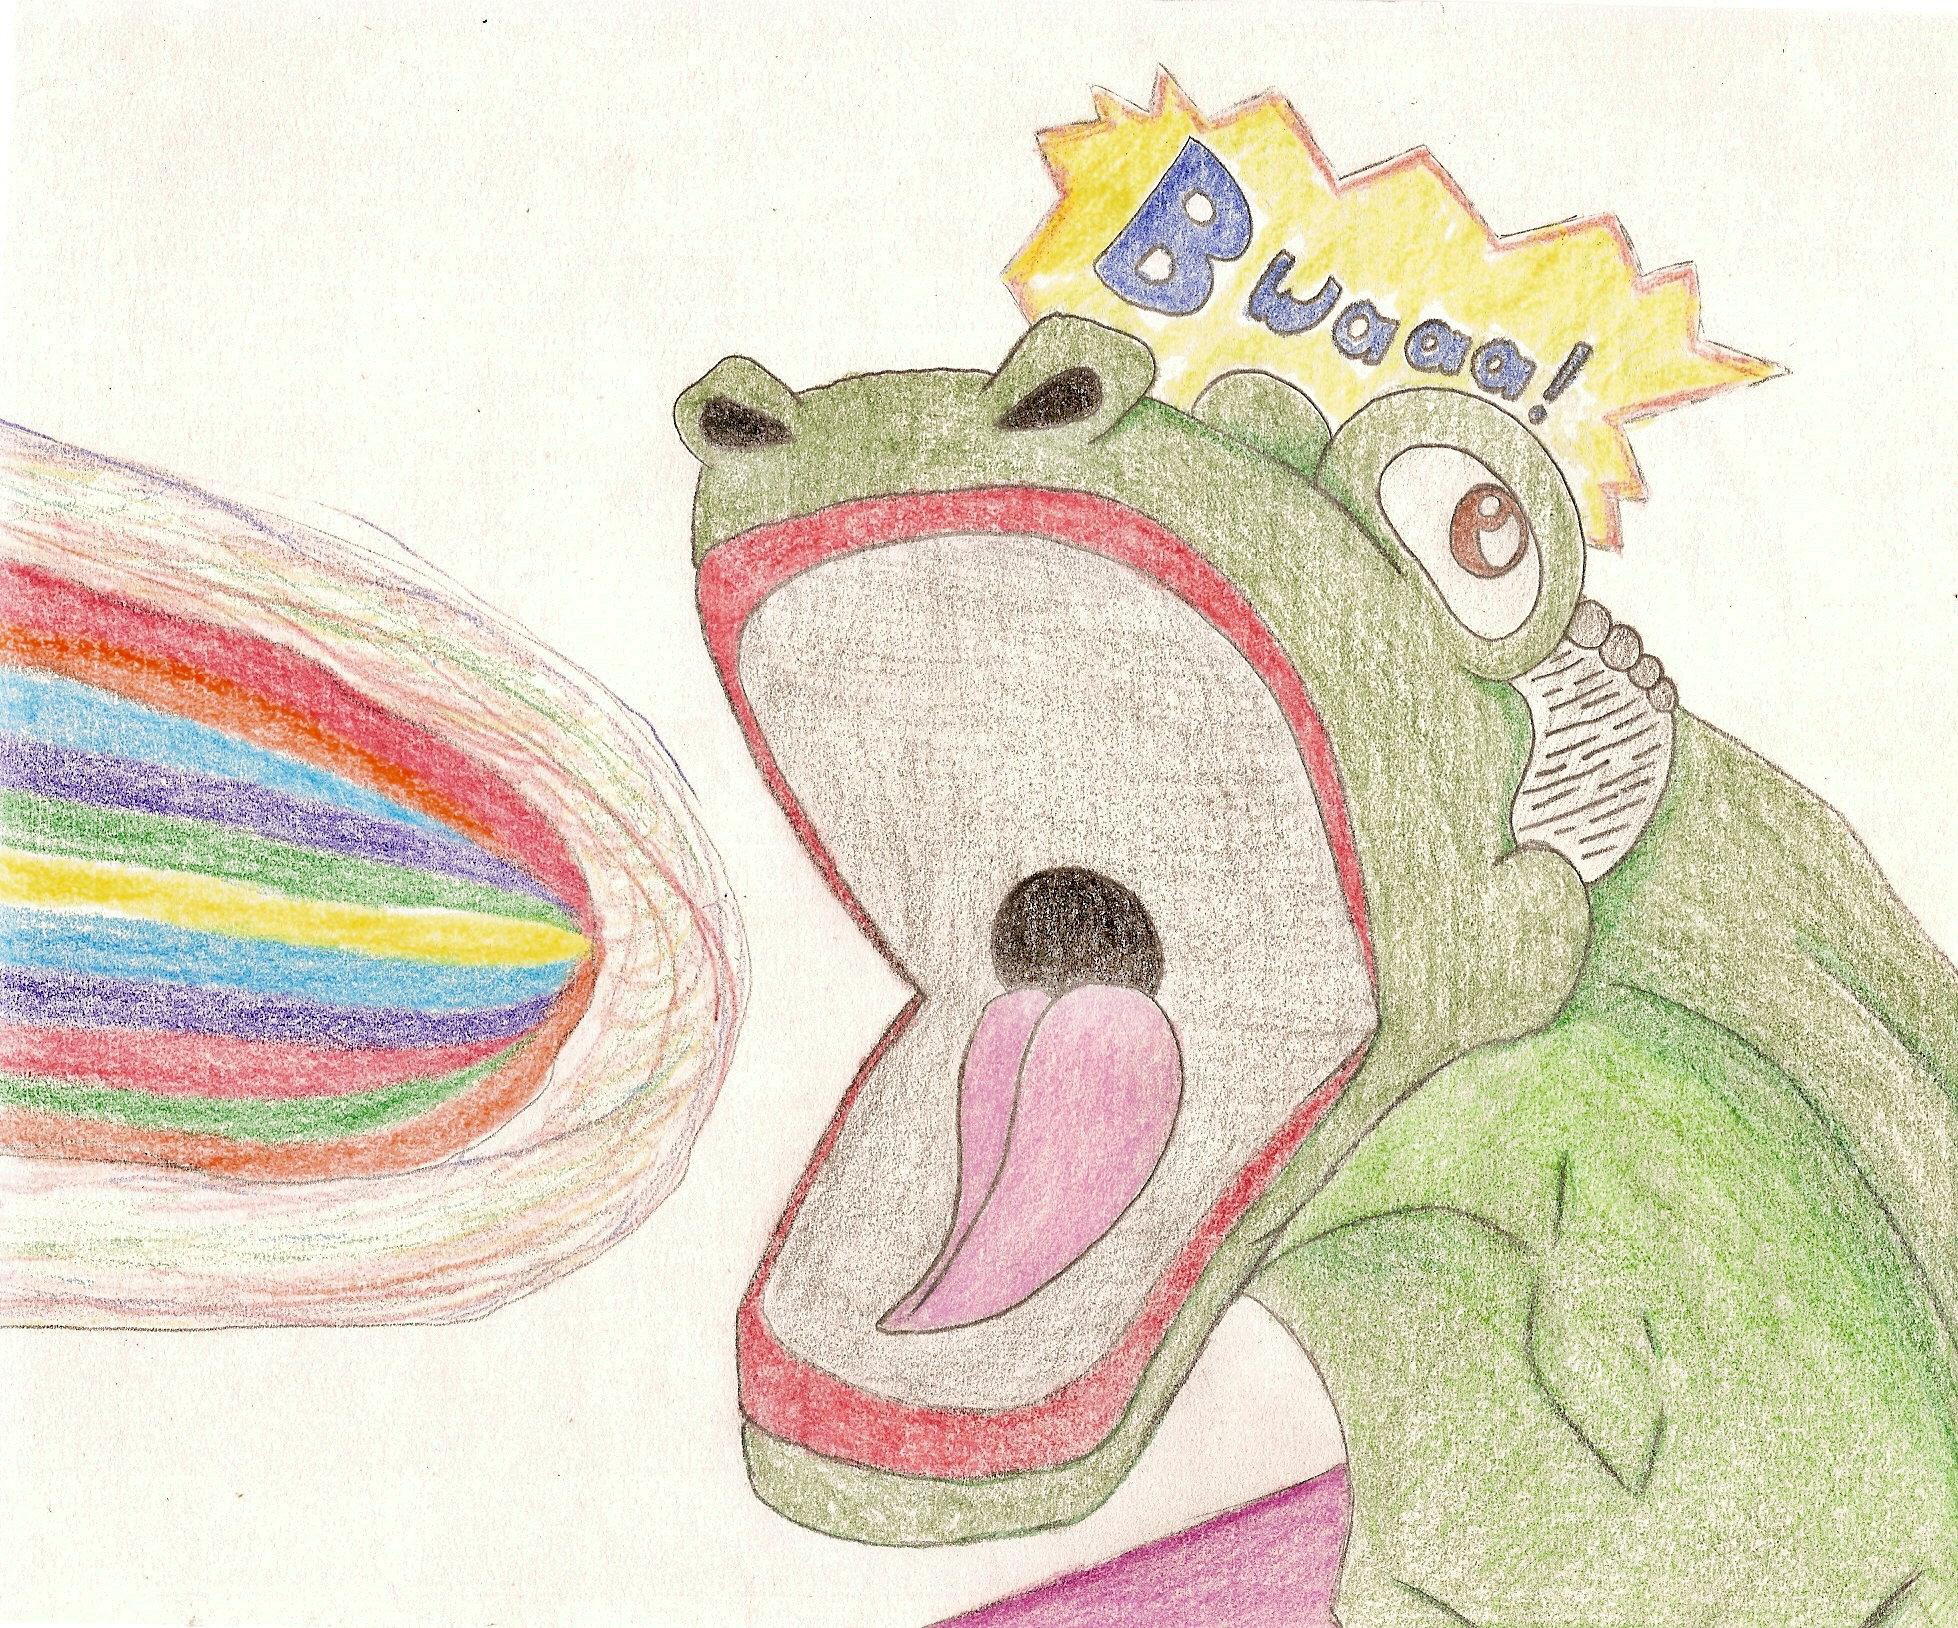 Gator Bwaaa!